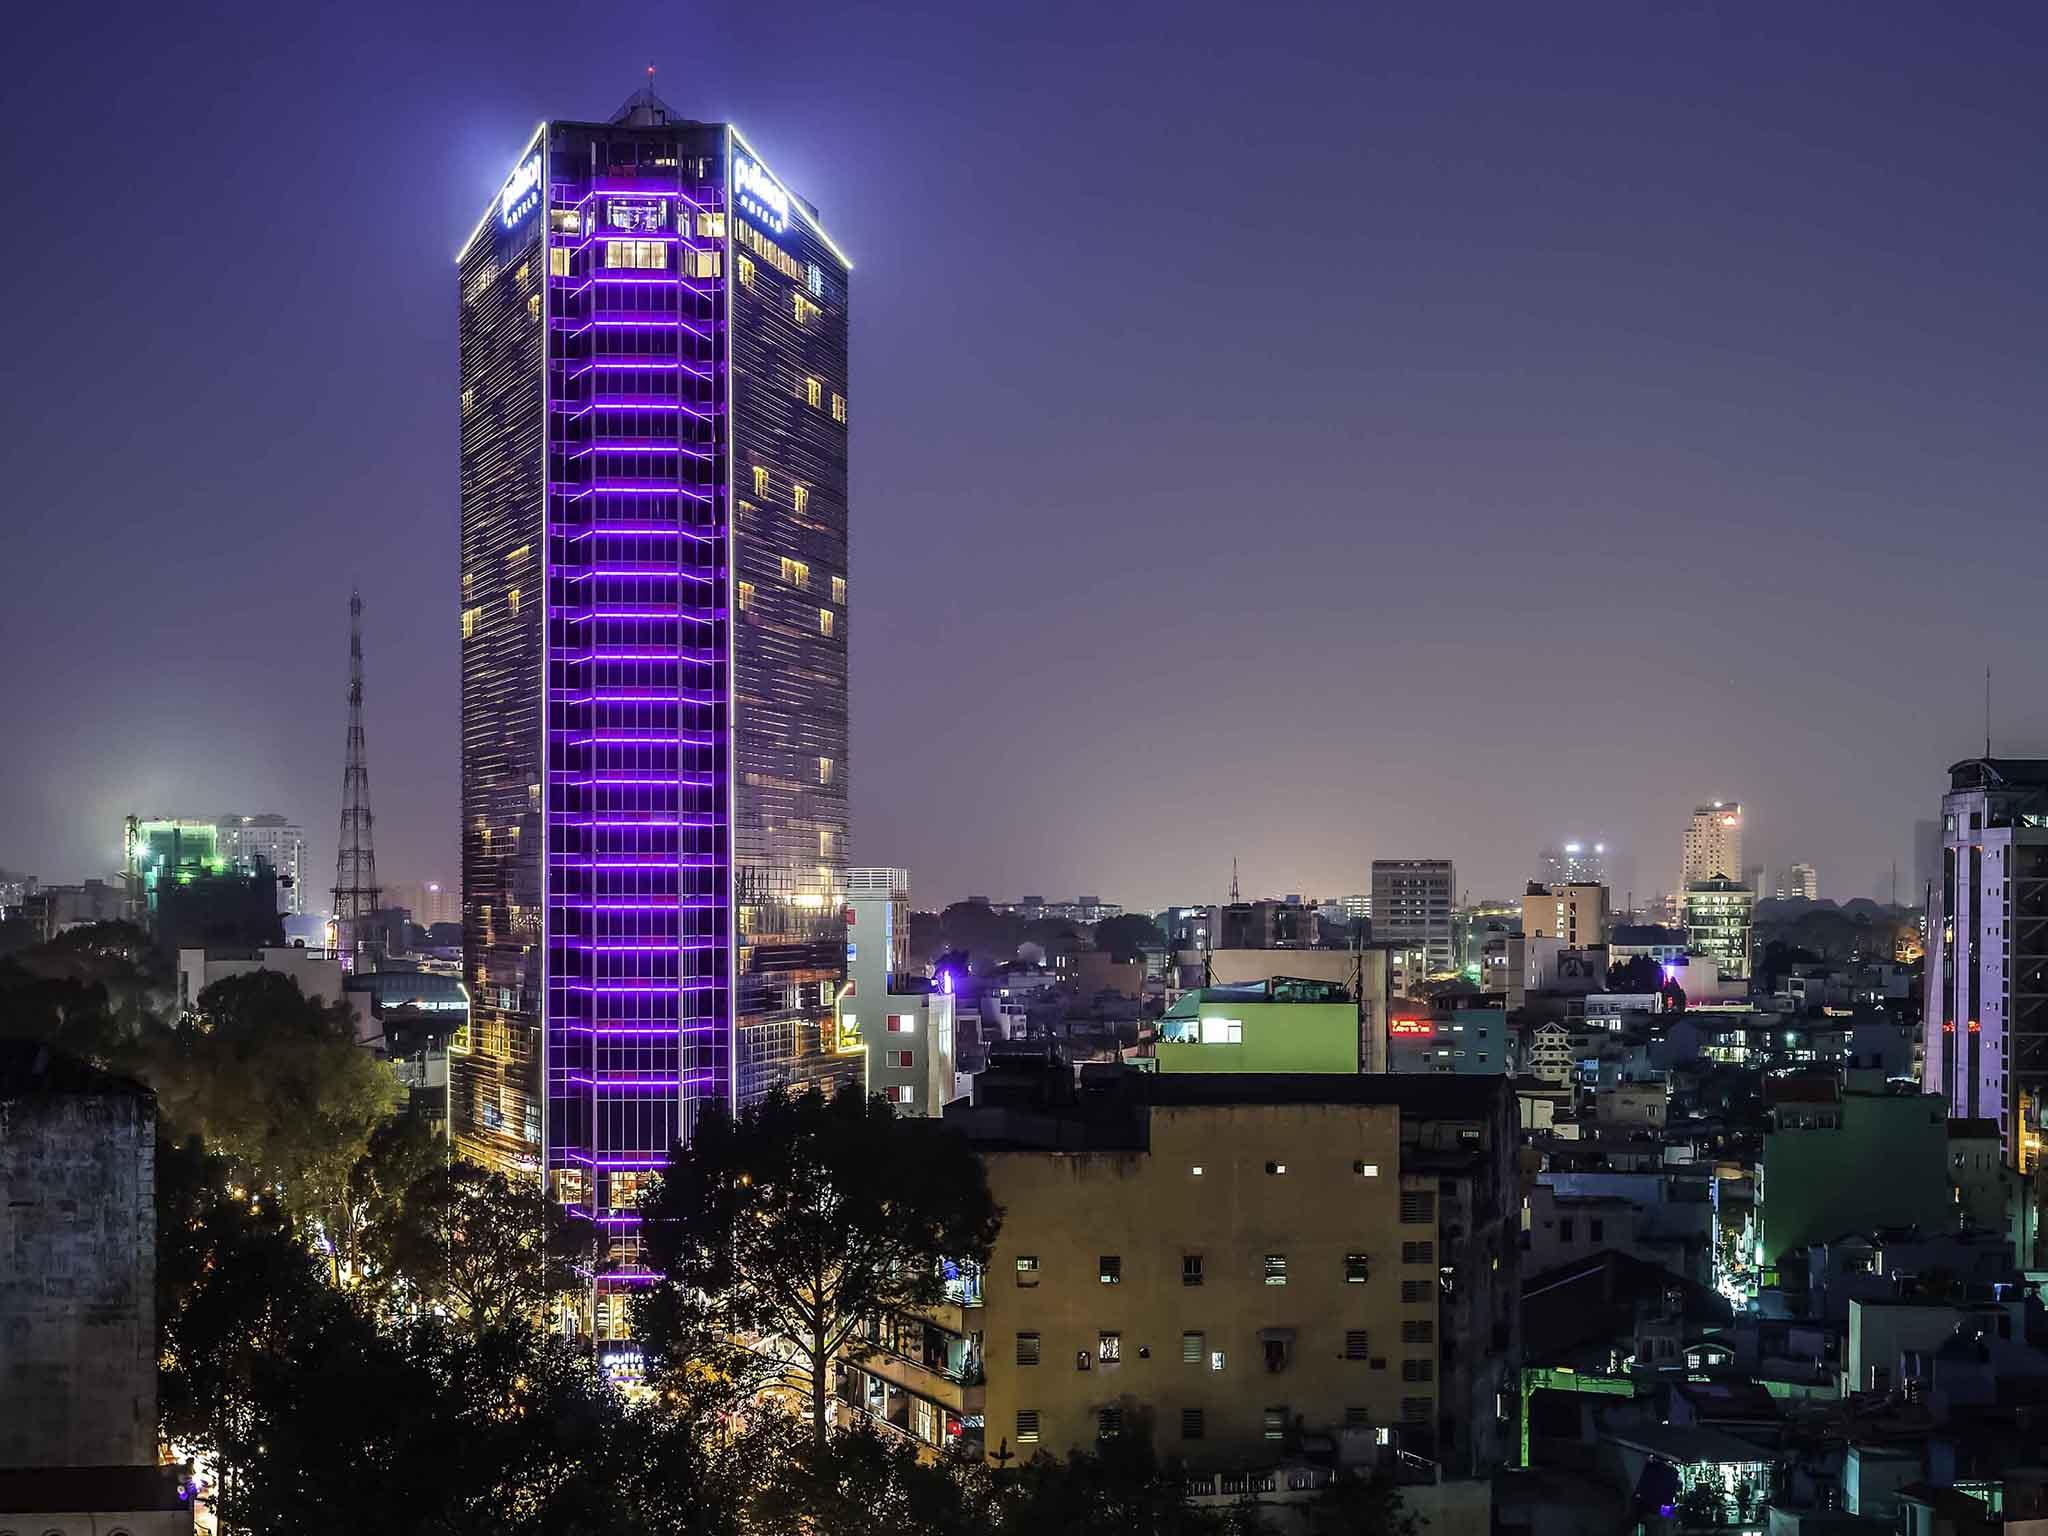 โรงแรม – พูลแมน ไซง่อน เซ็นเตอร์